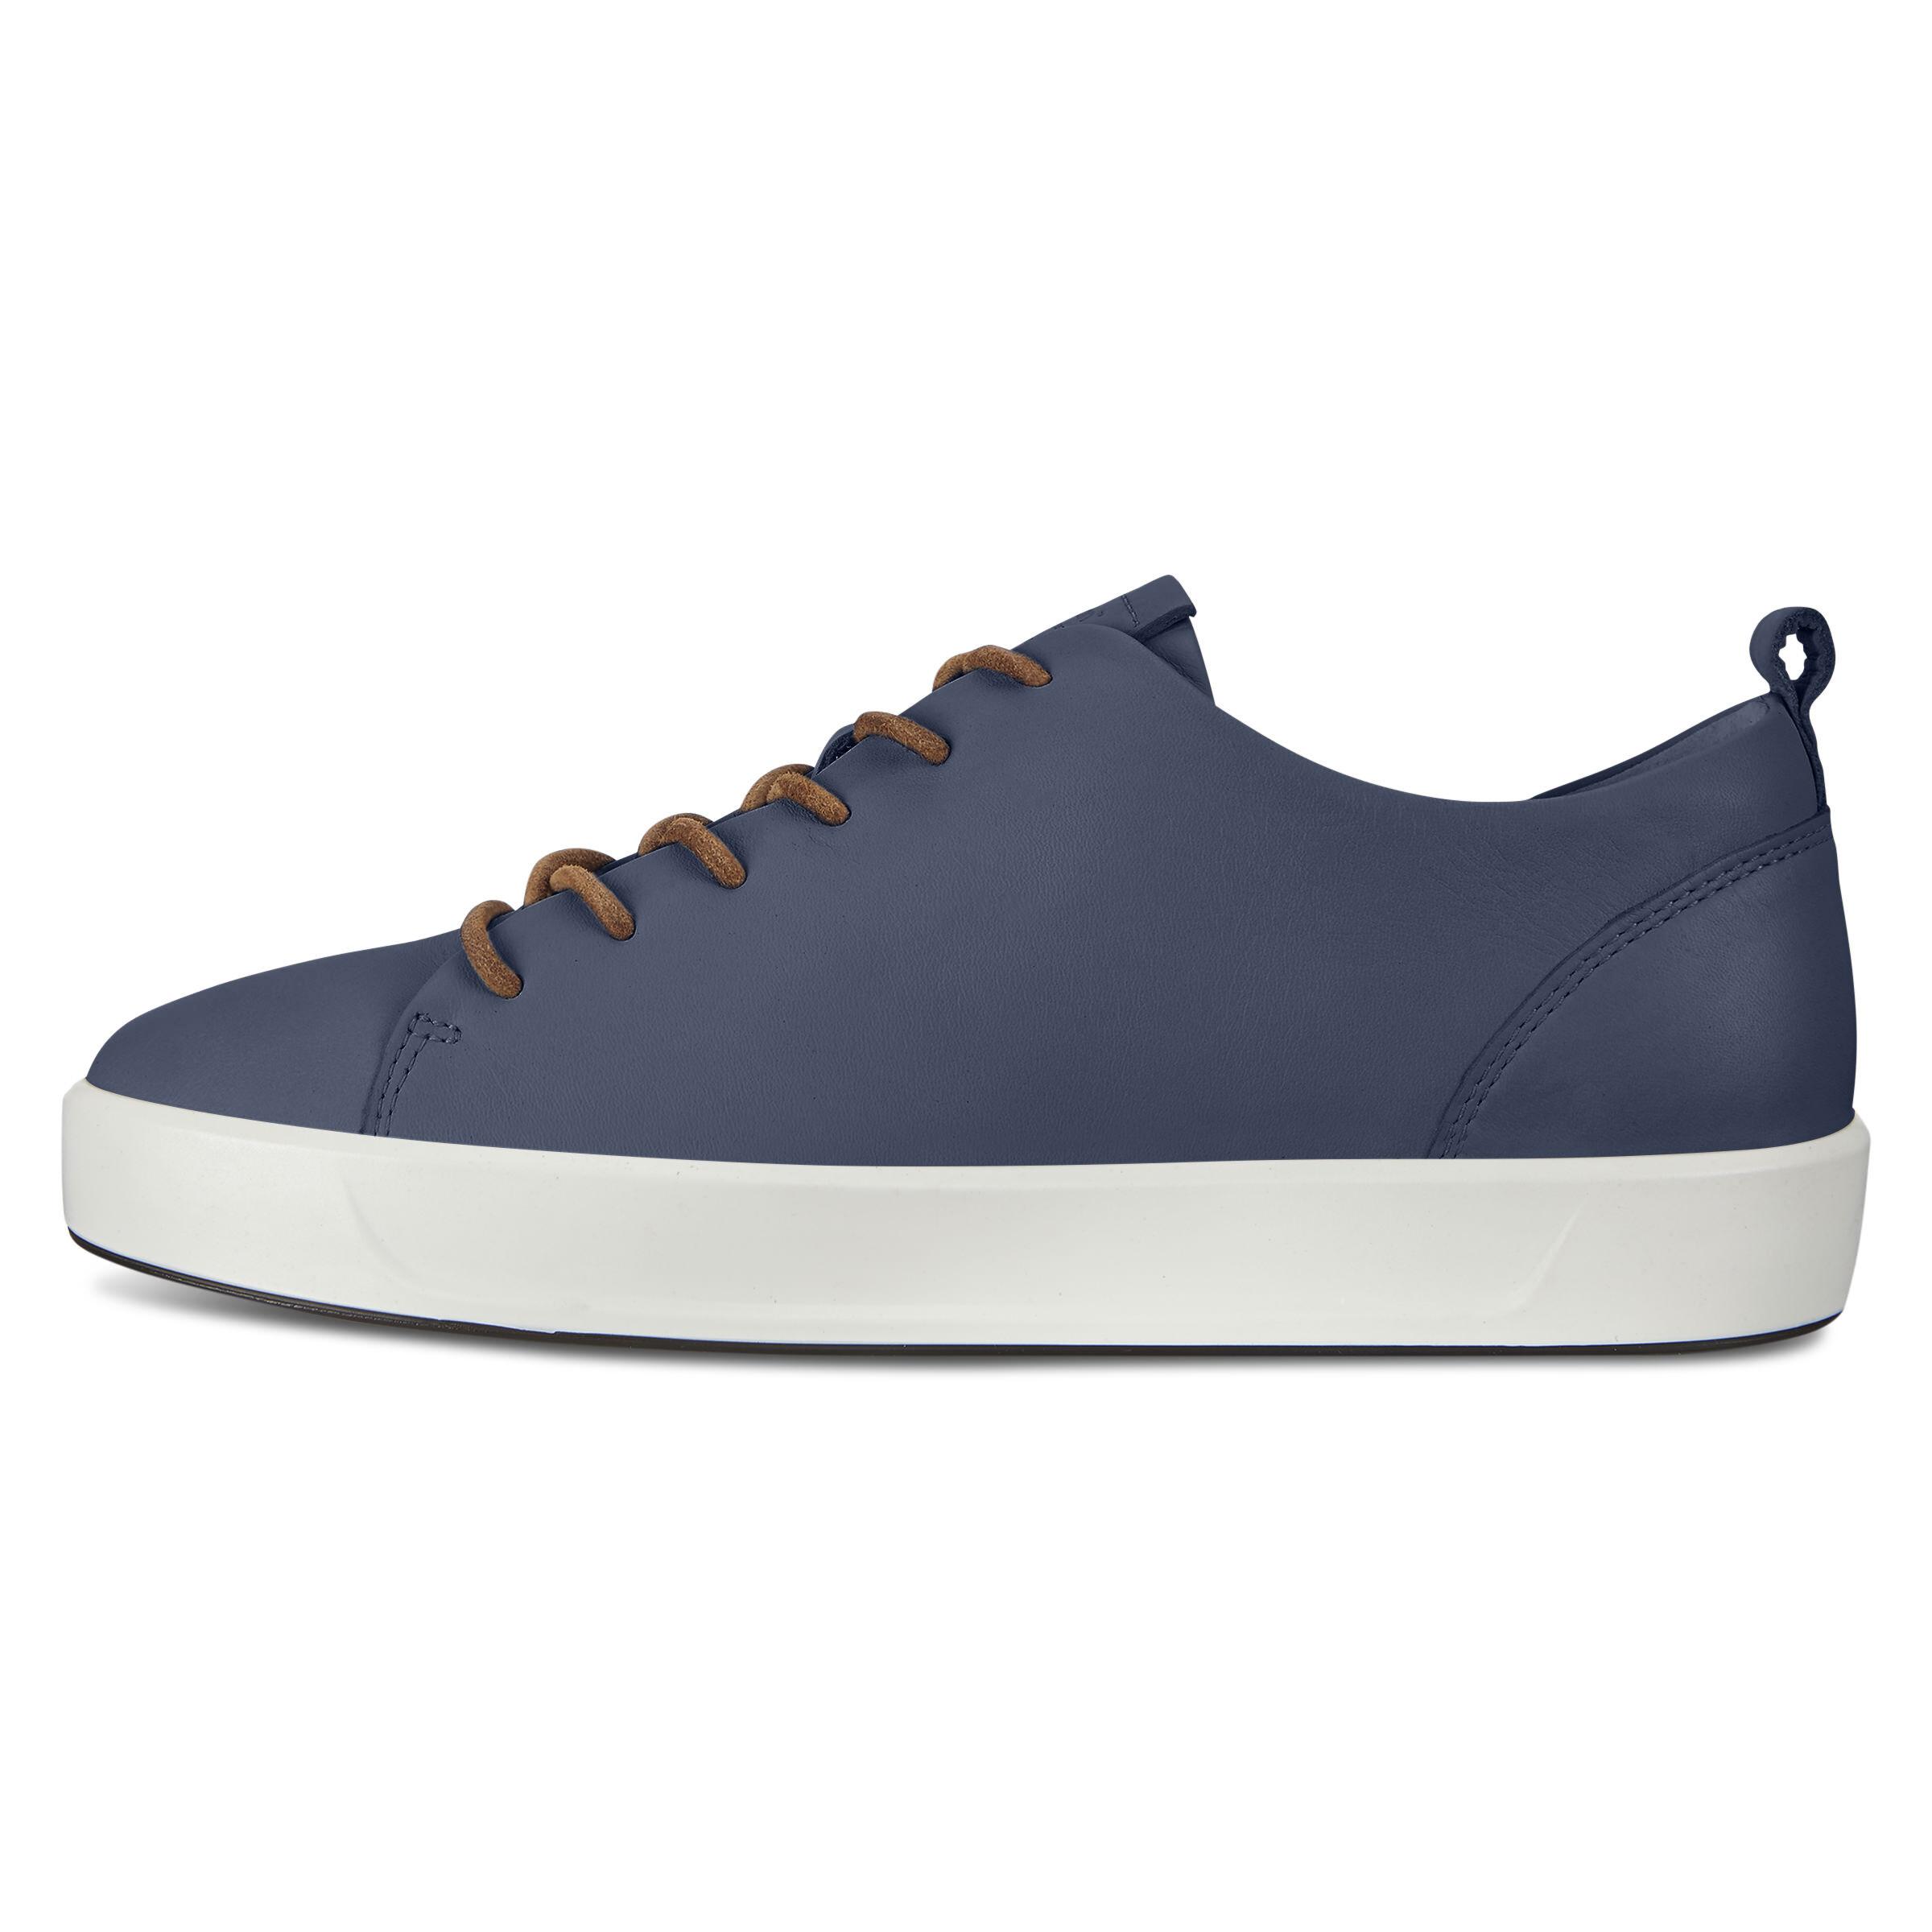 Men's Soft 8 Shoes | ECCO® Shoes